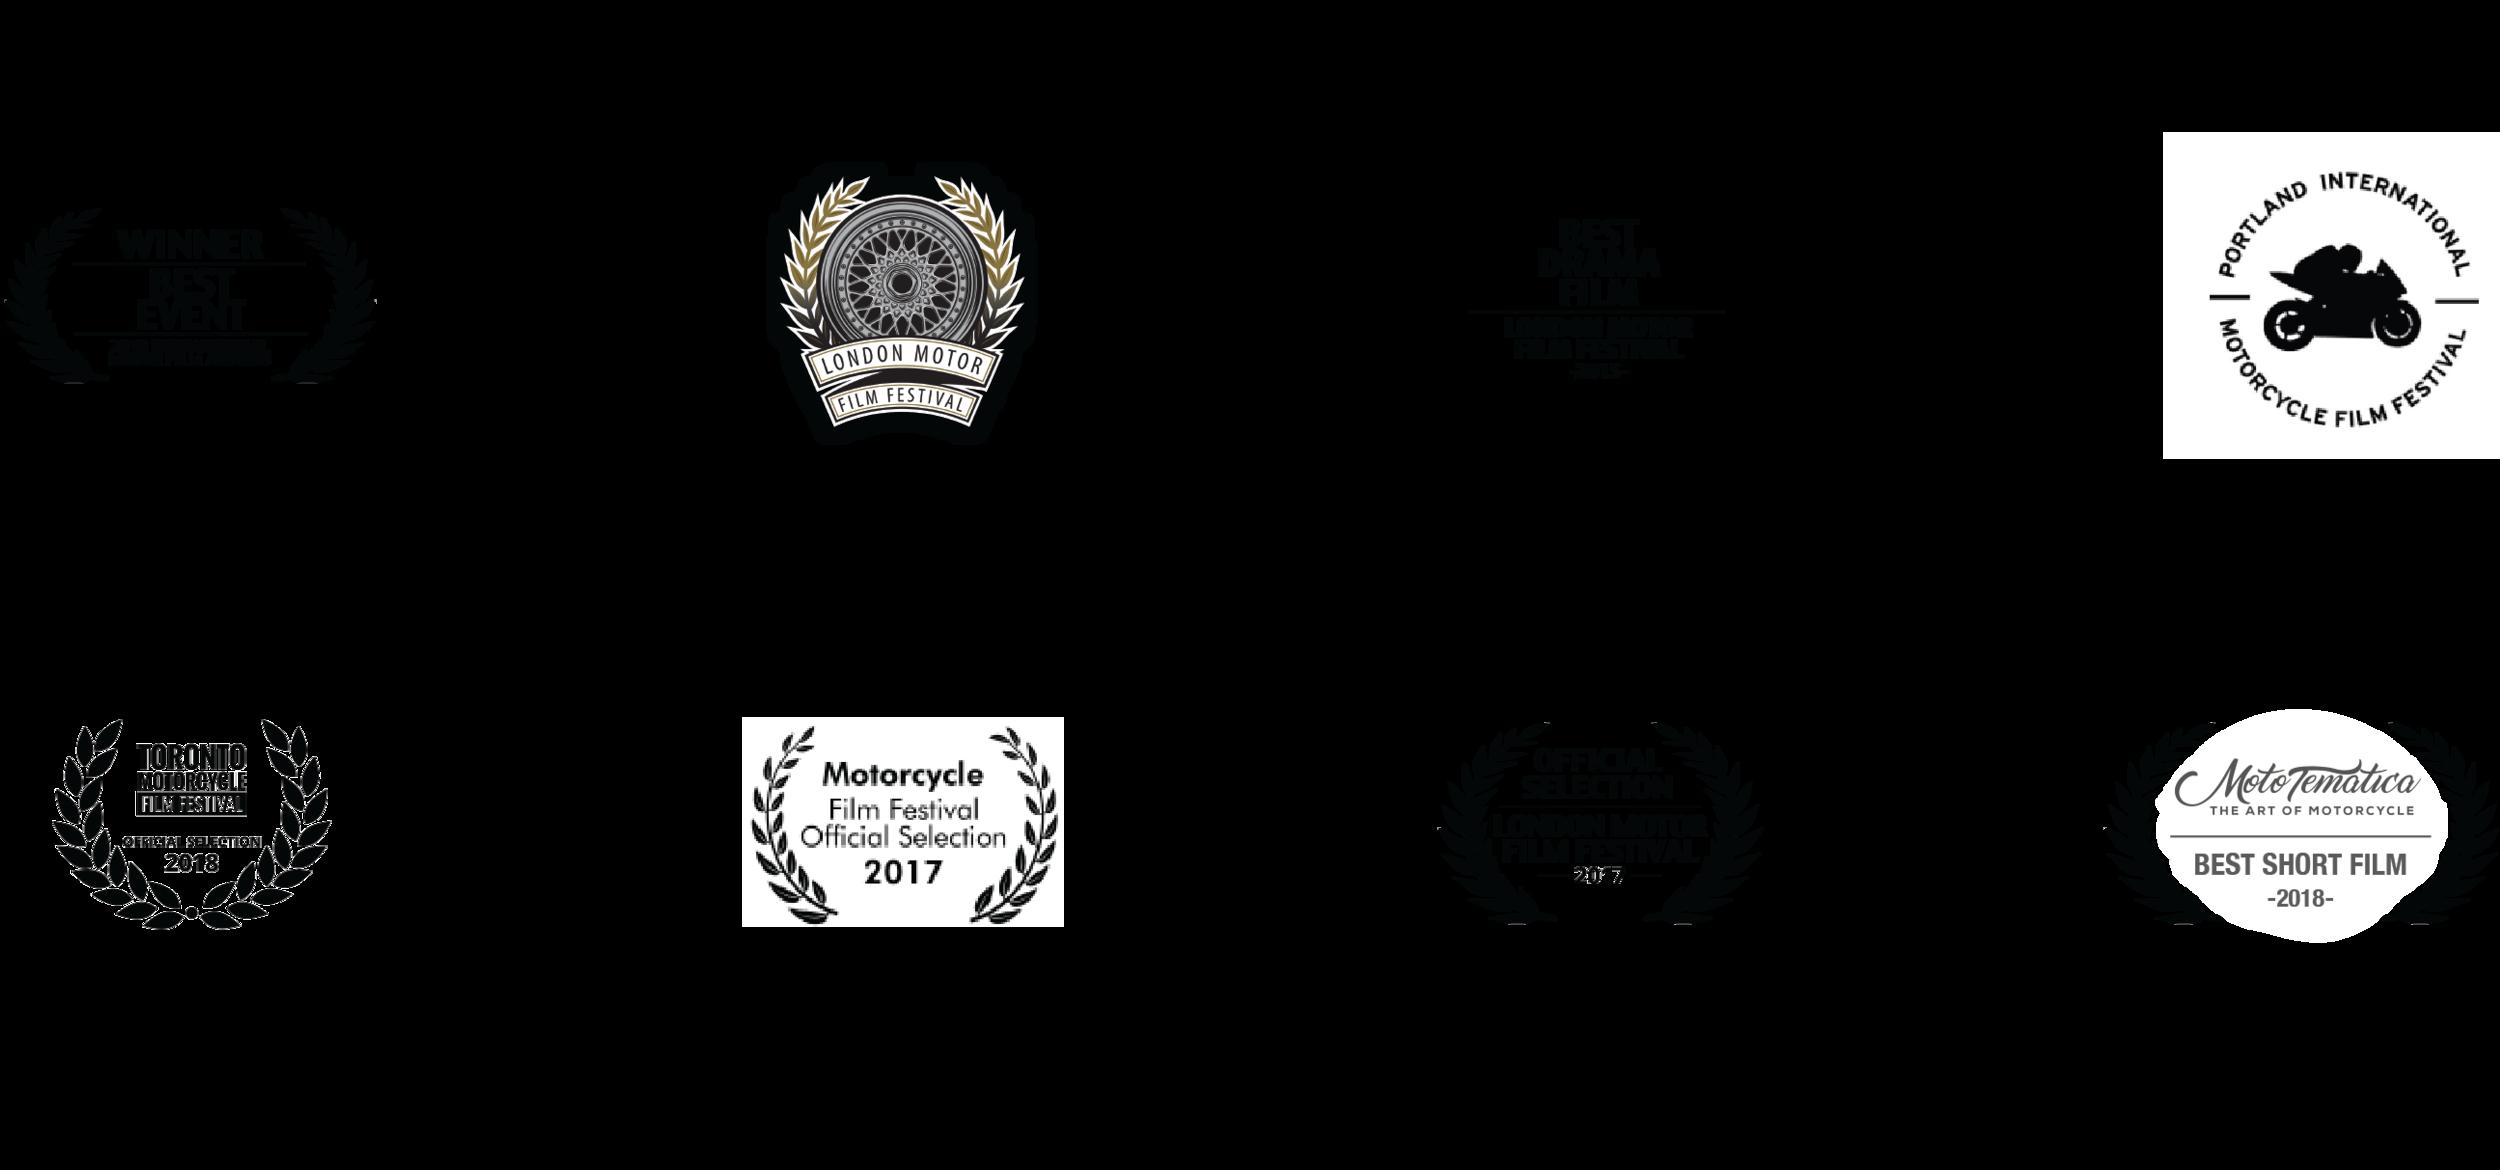 phlewid_award_logos.png